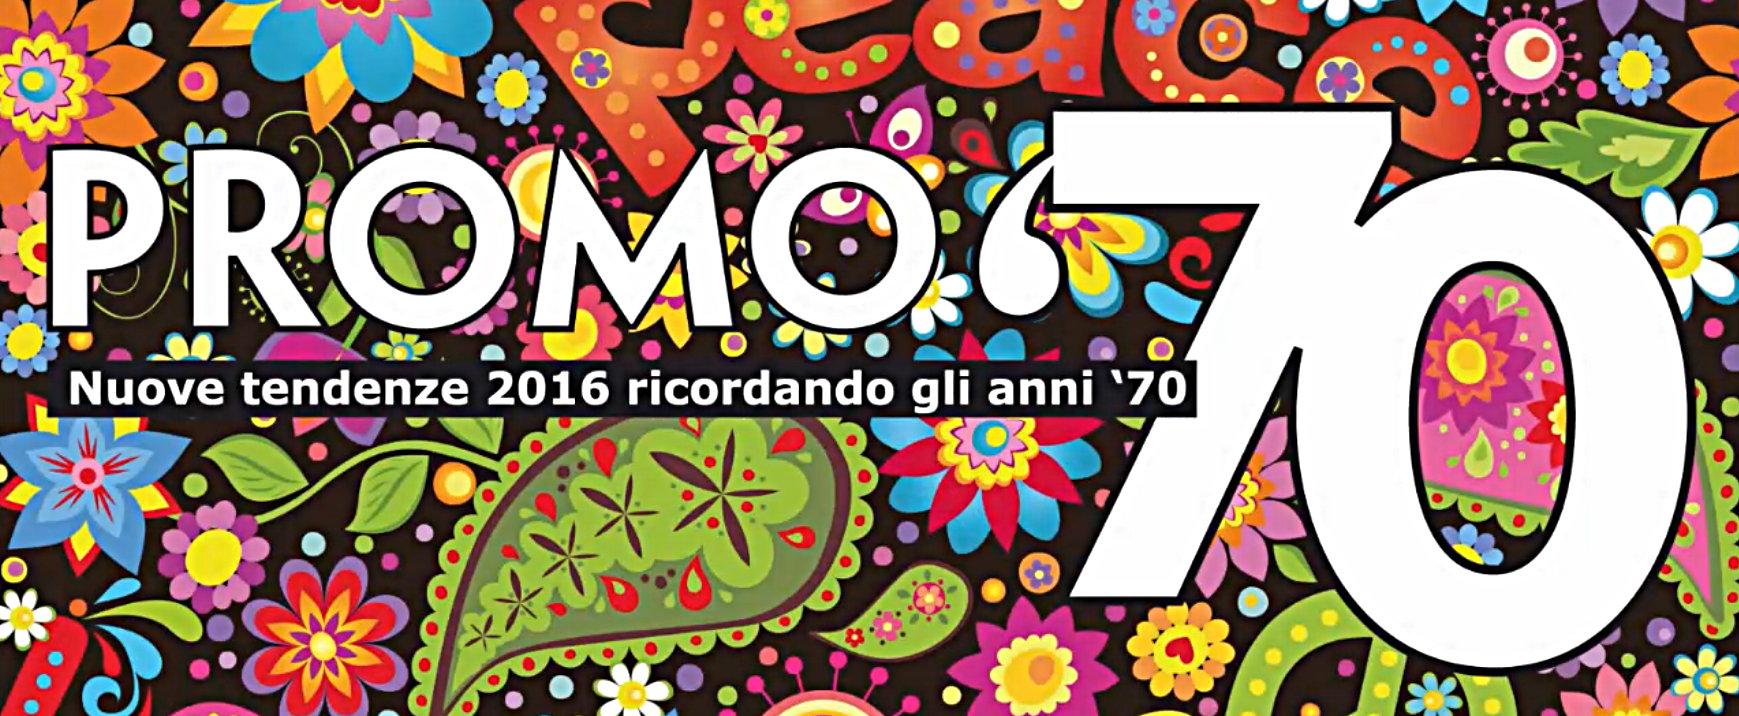 promo70 centro arredamento di Savona